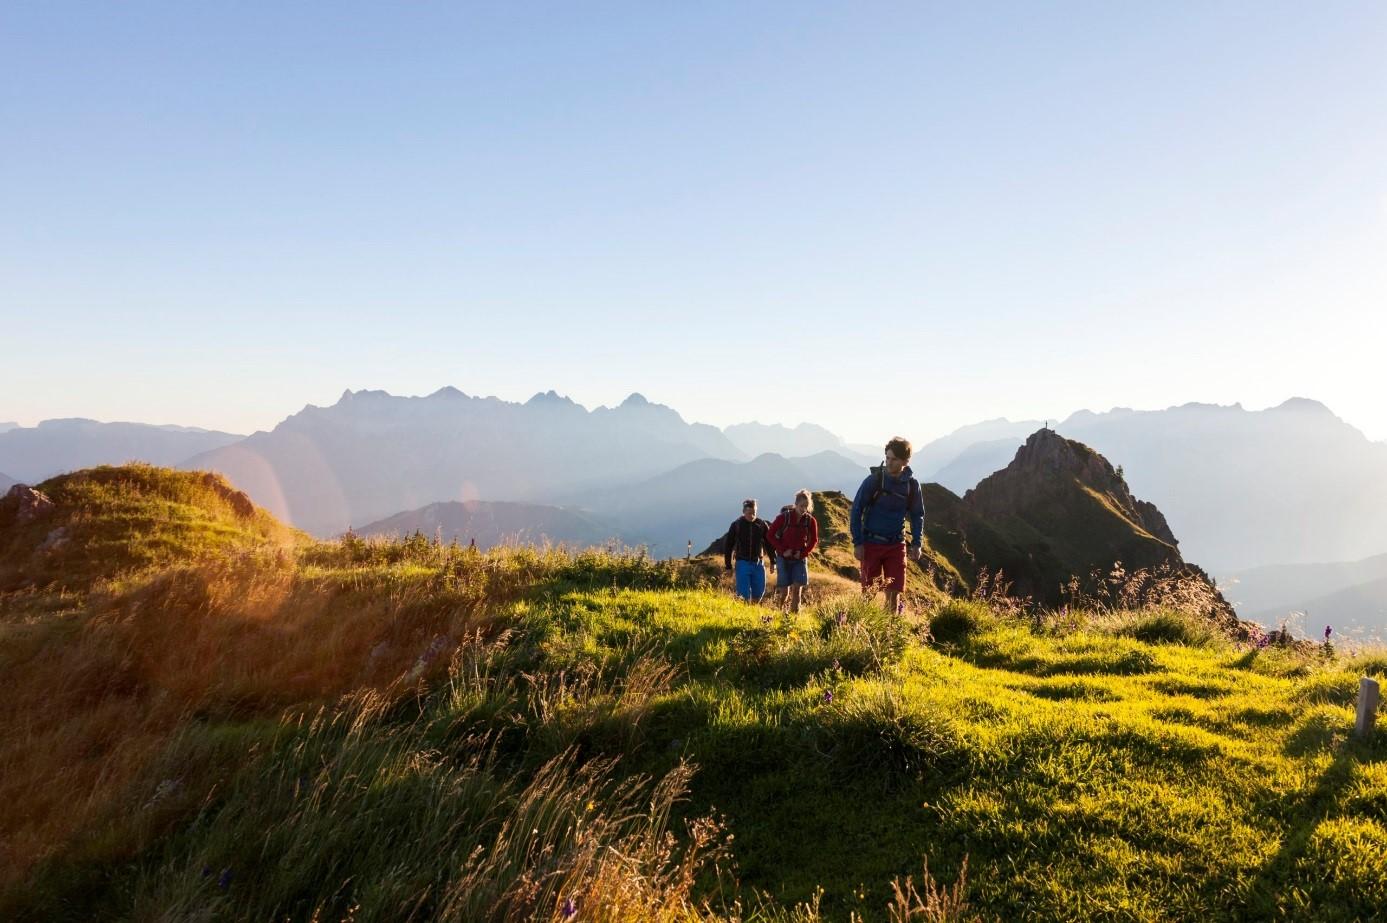 Der Alpenraum und ich – Jugendbeteiligung auf europäischer Ebene